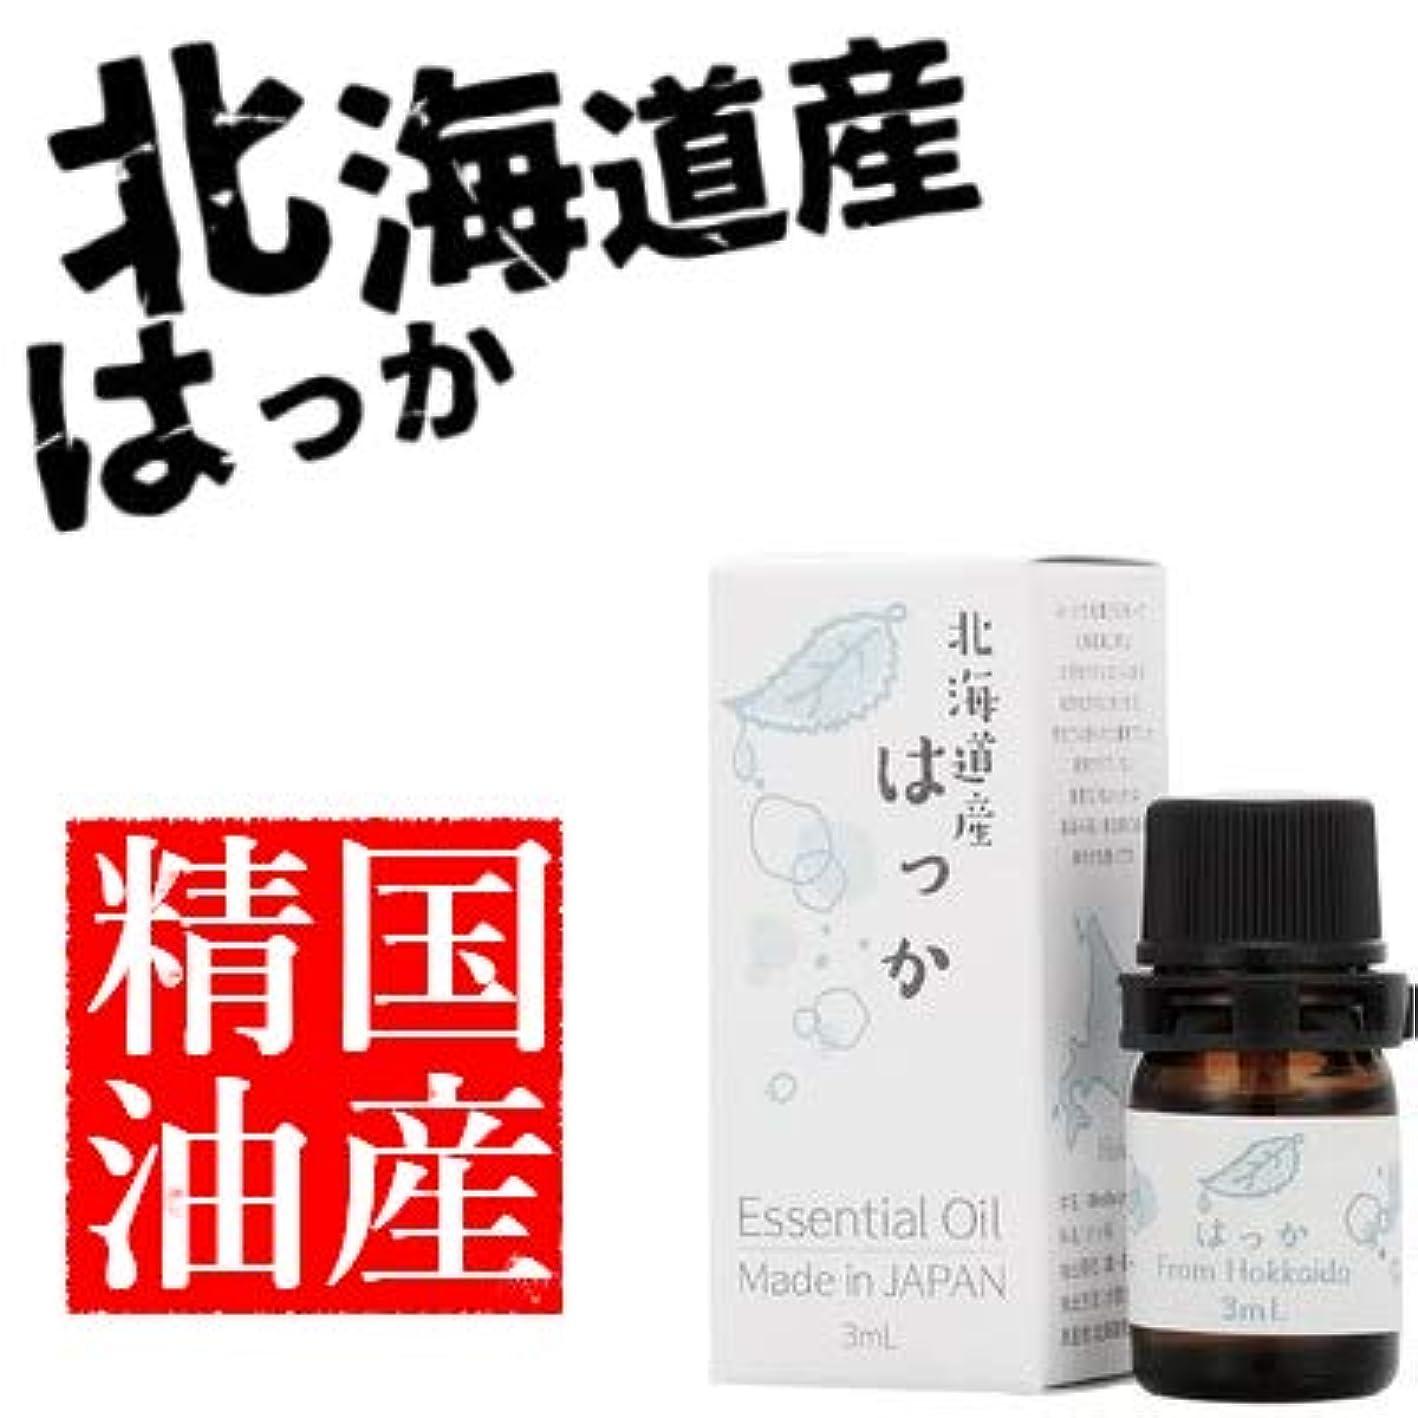 信頼性のあるジム膿瘍日本の香りシリーズ エッセンシャルオイル 国産精油 (はっか)